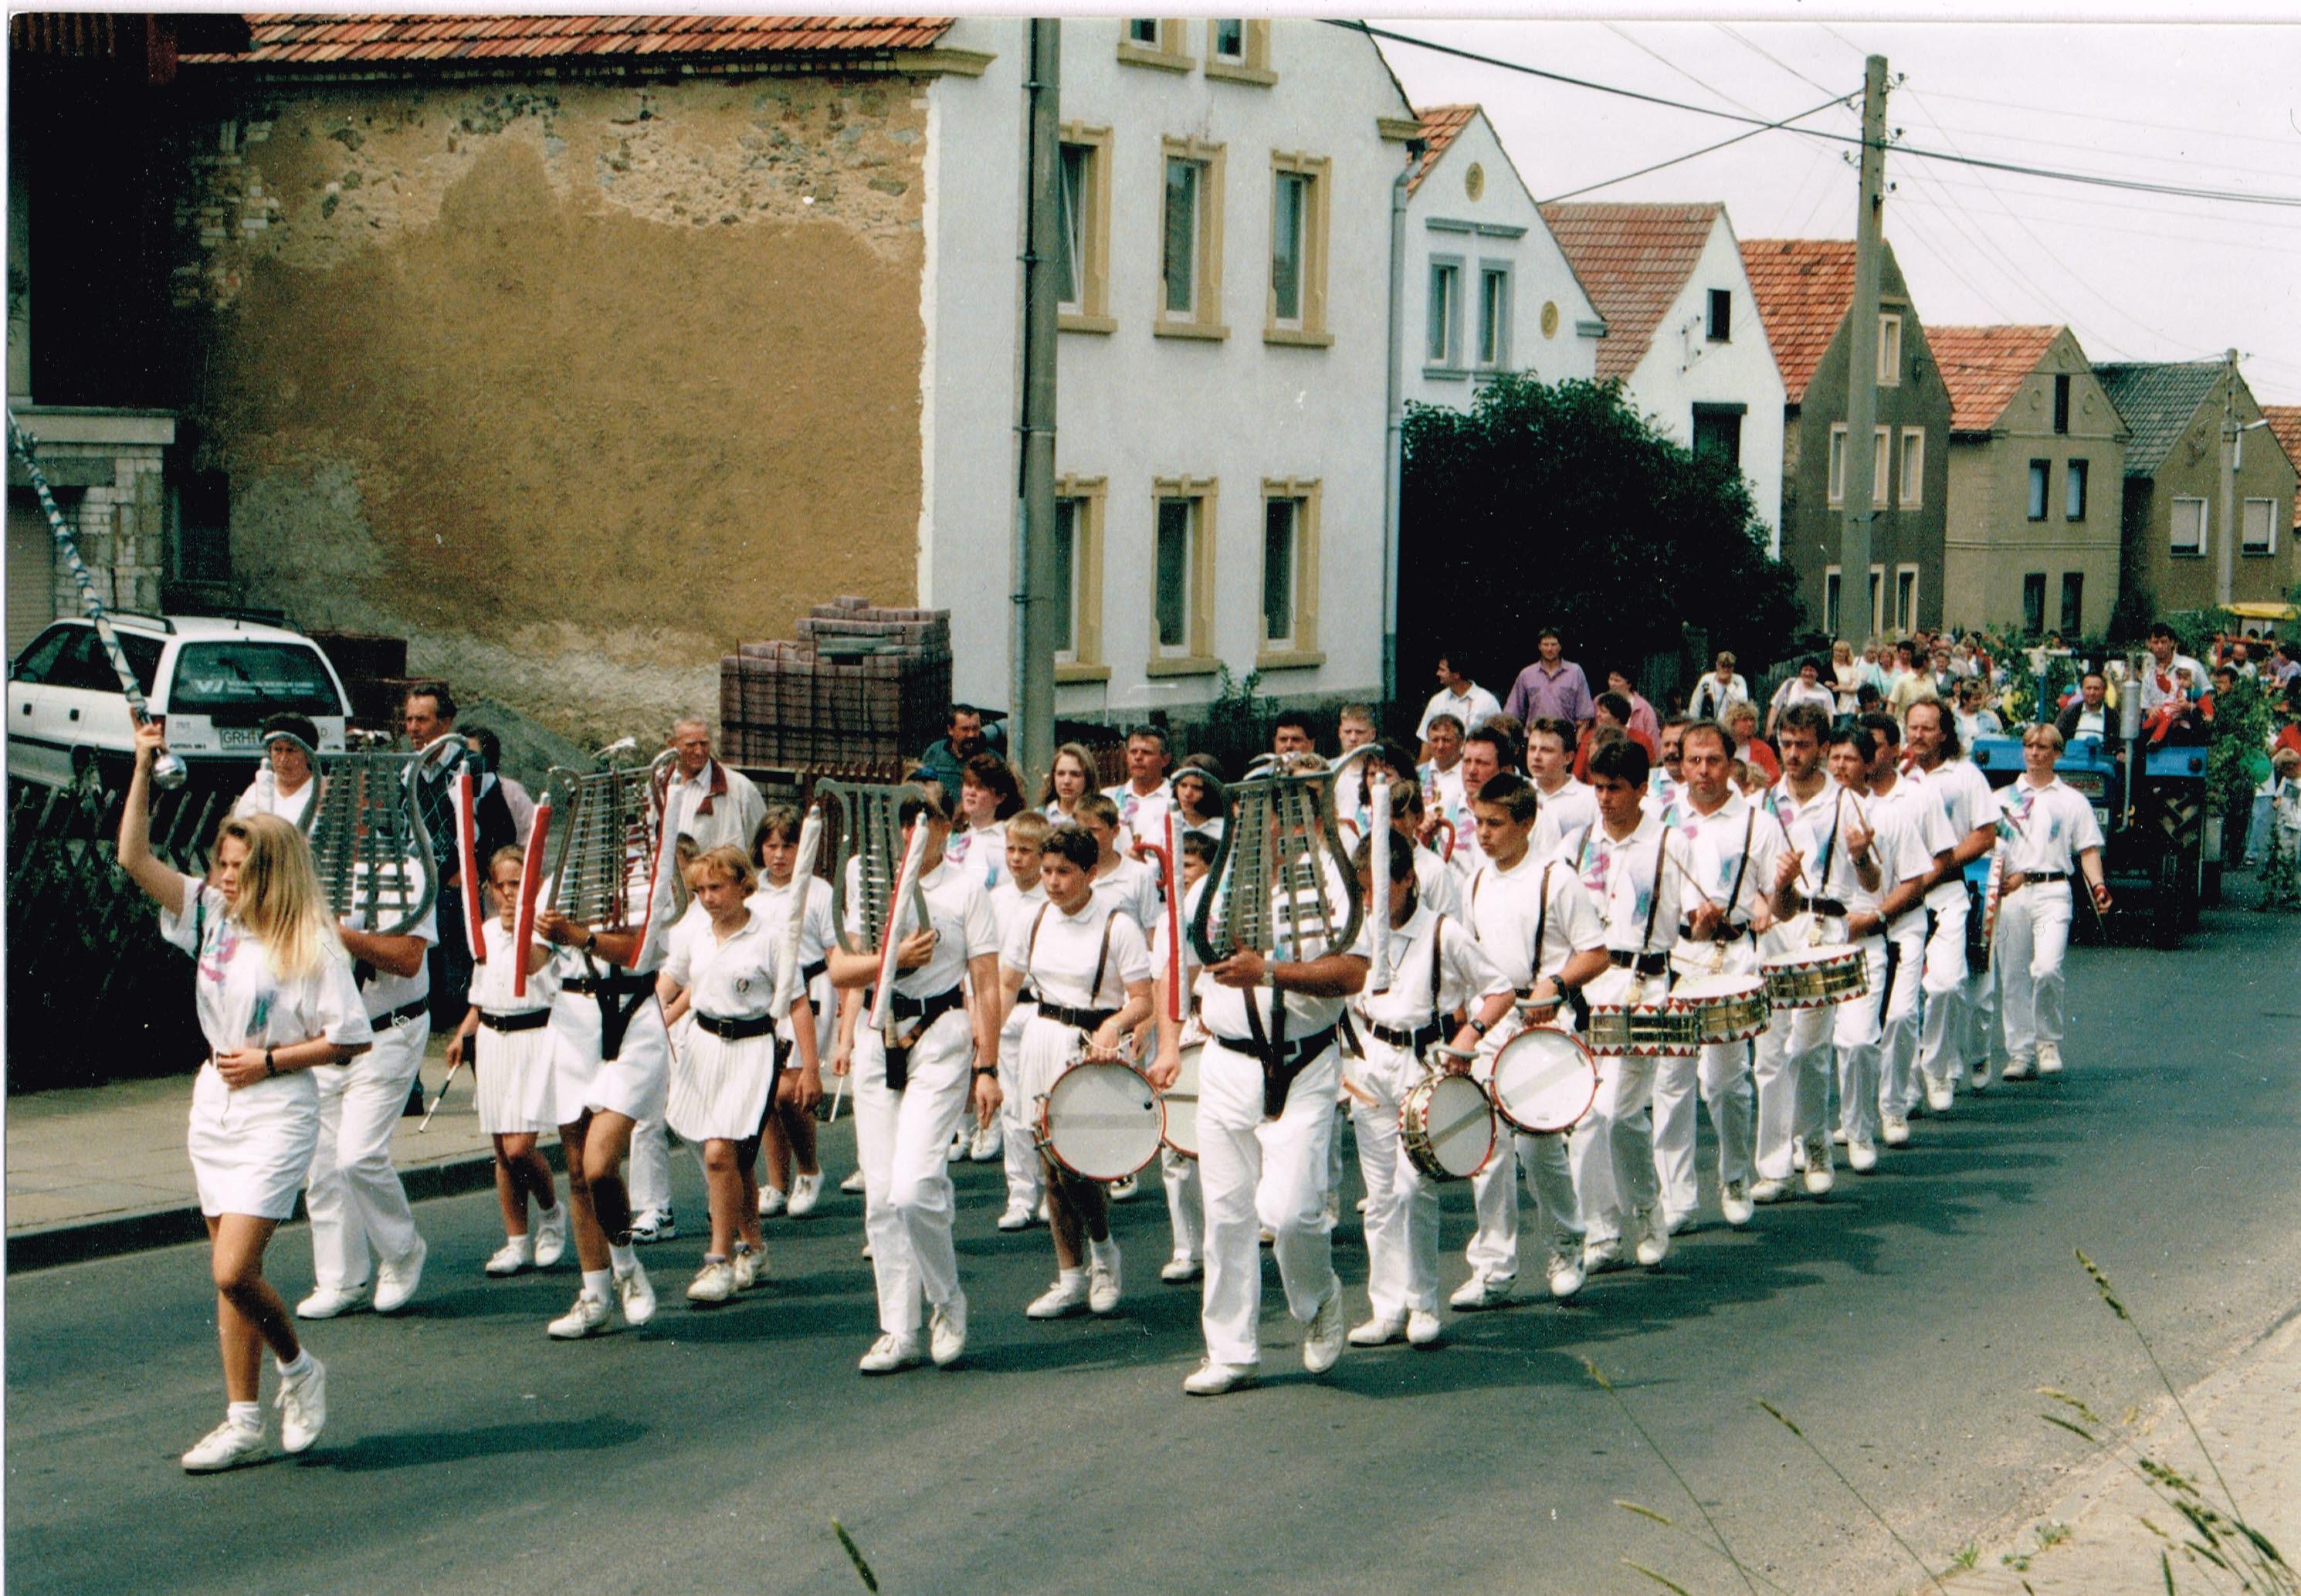 1996 Kinderfest